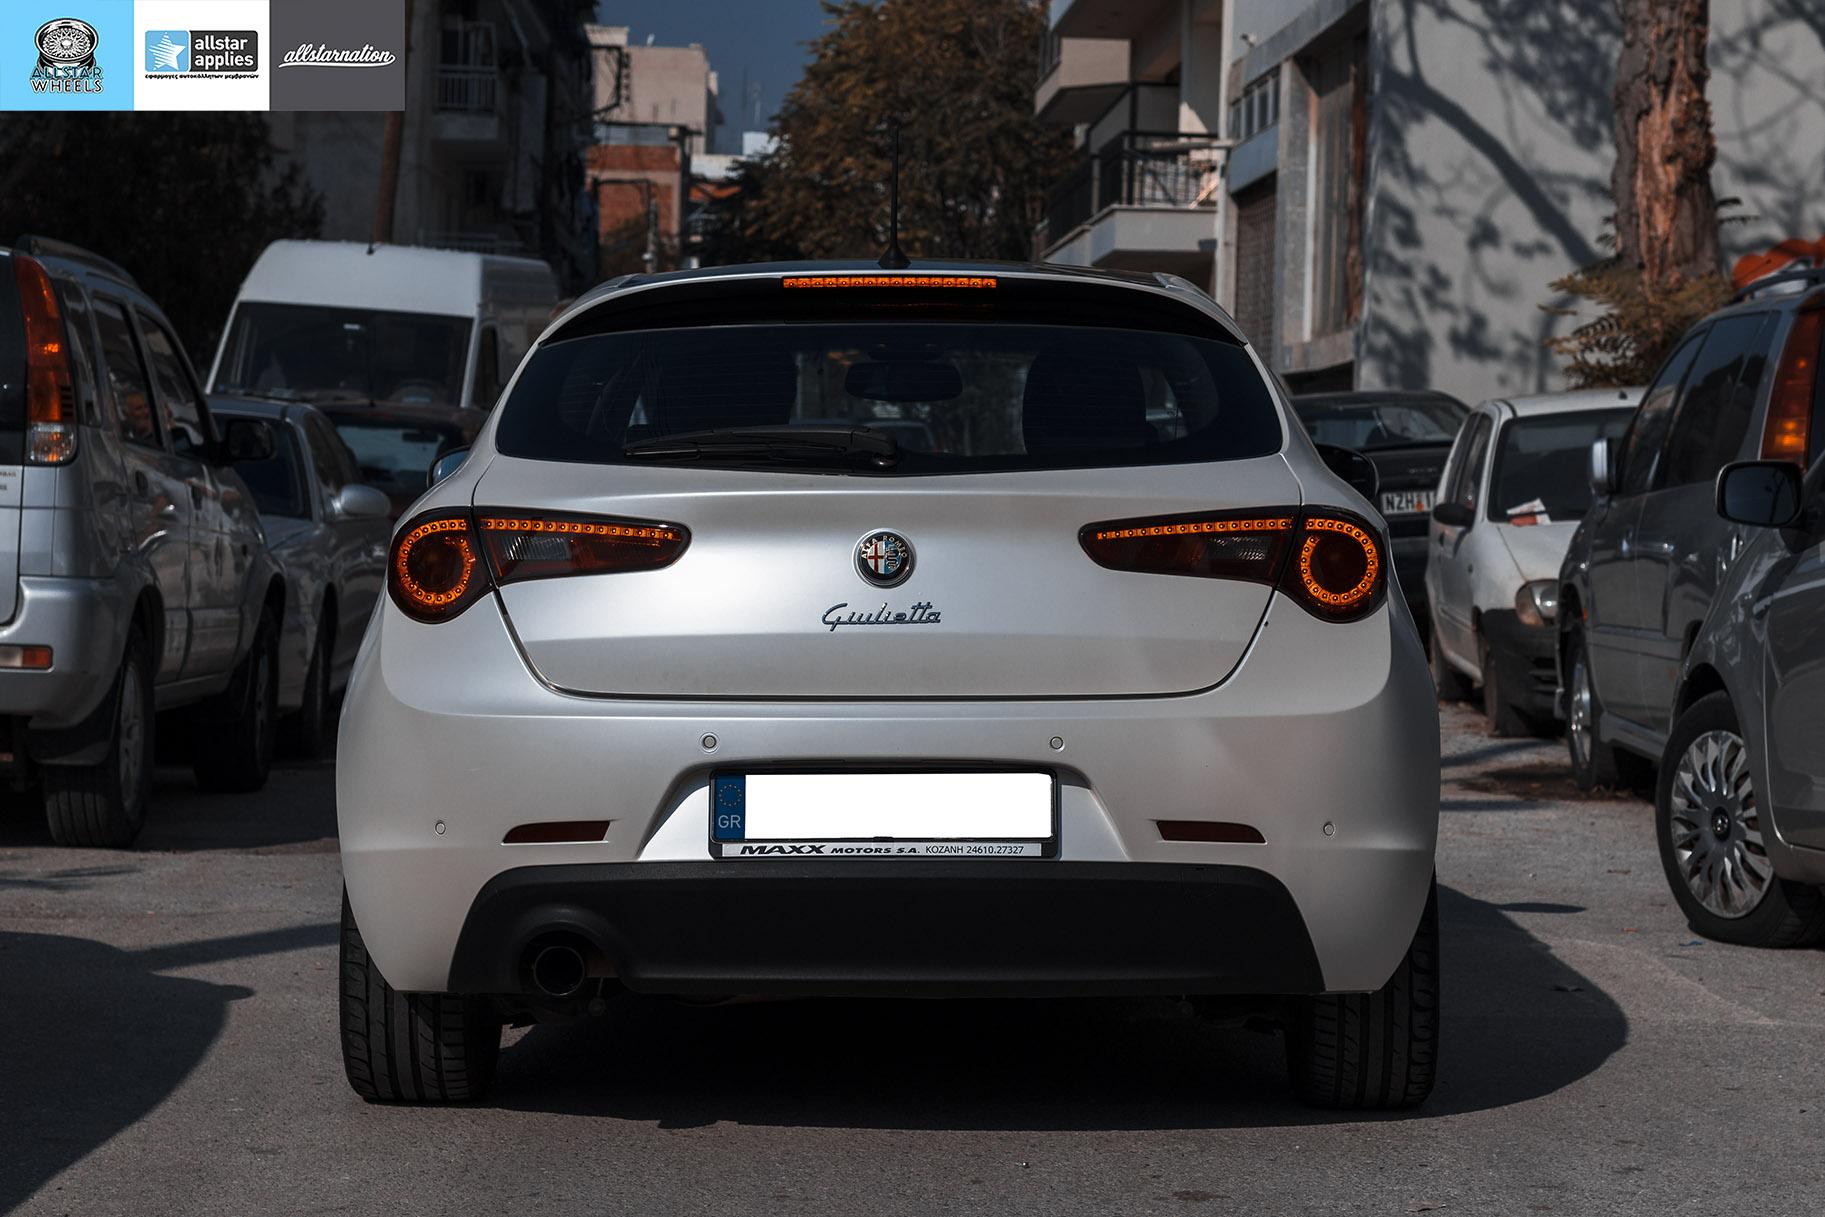 Μεμβράνες αλλαγής χρώματος αυτοκινήτου alfa romeo giulietta θεσσαλονίκη allstar applies